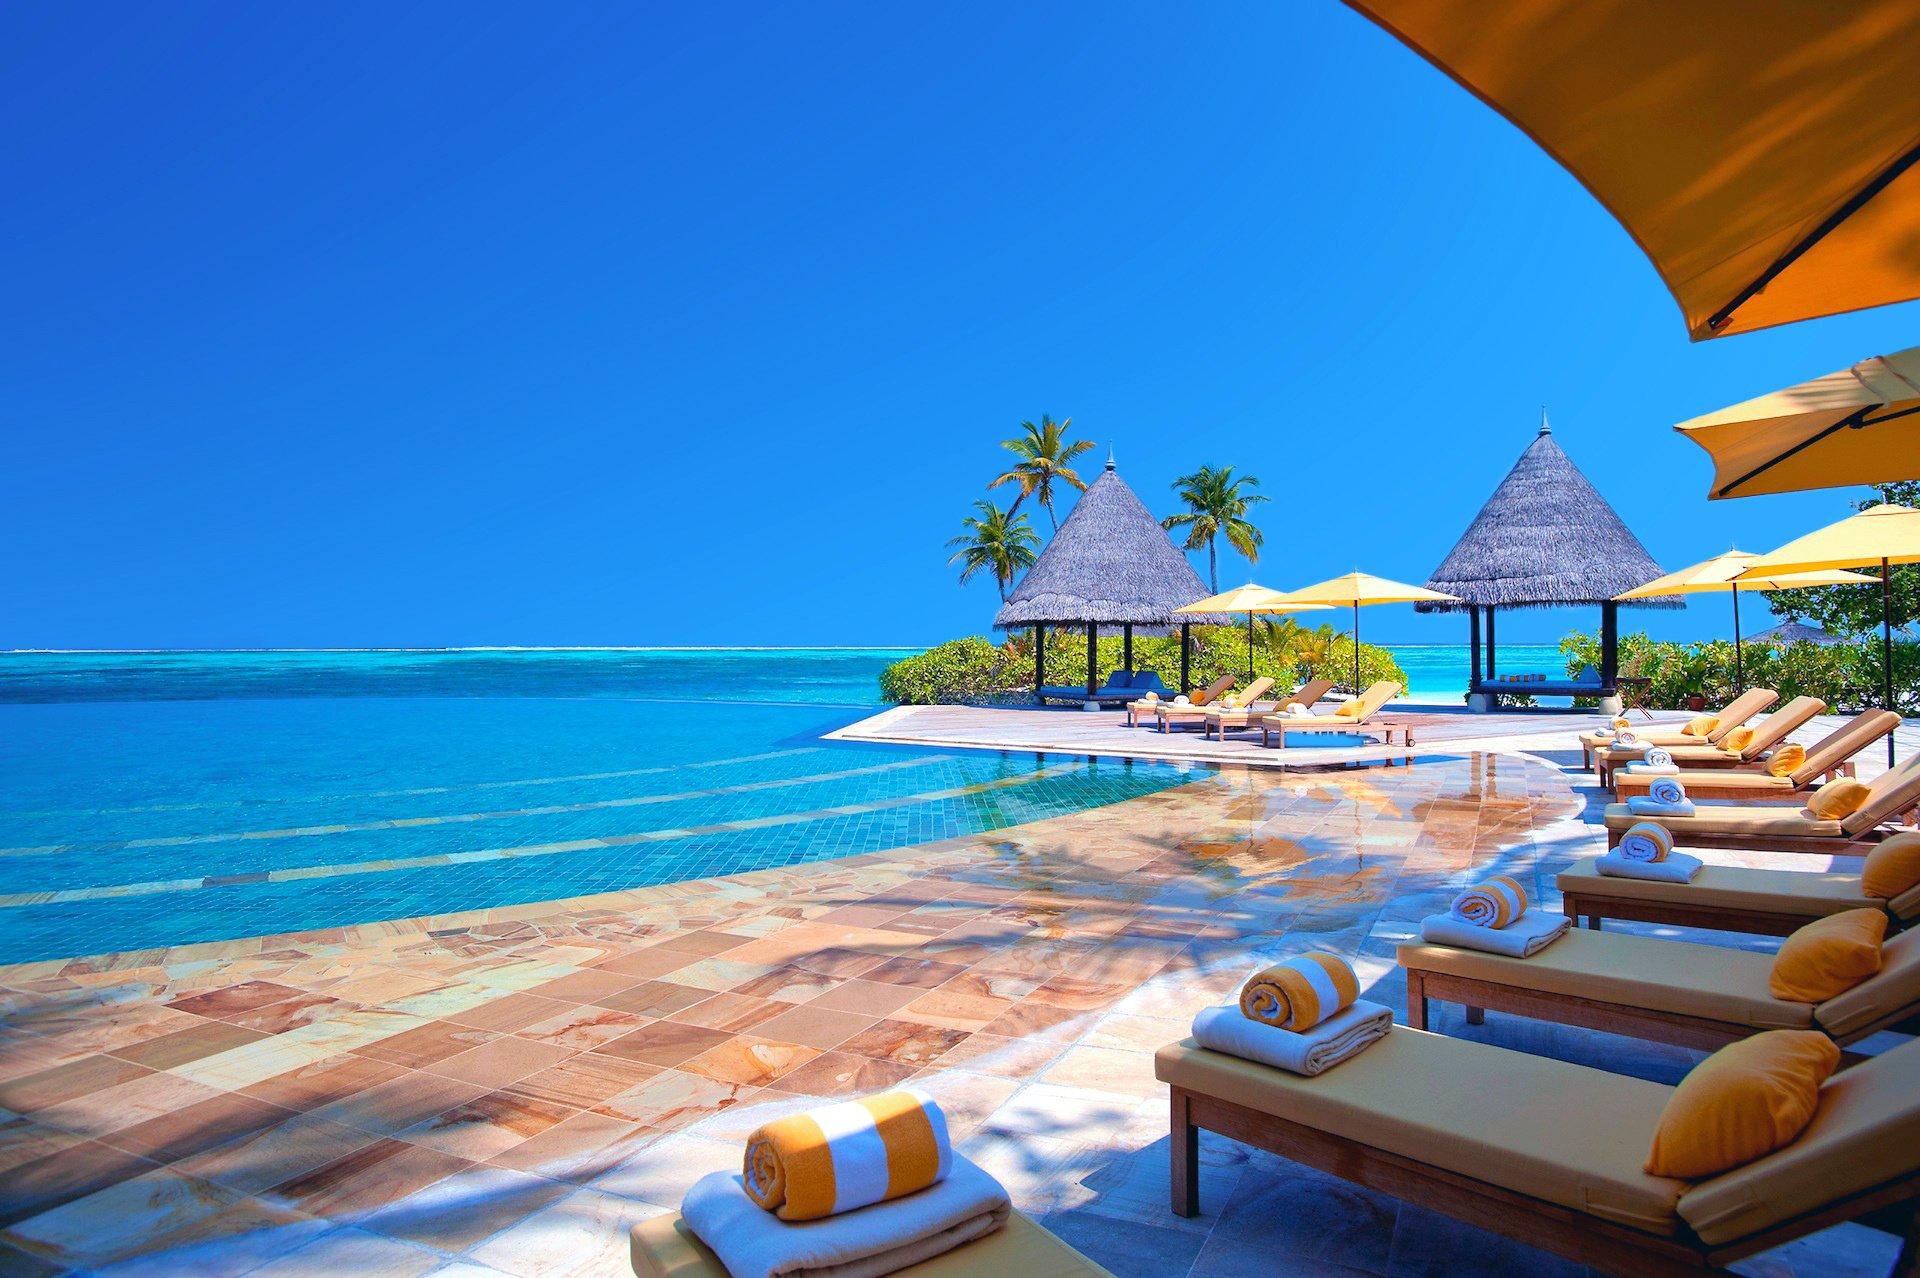 بالصور افضل 10 جزر سياحية في العالم 341 3